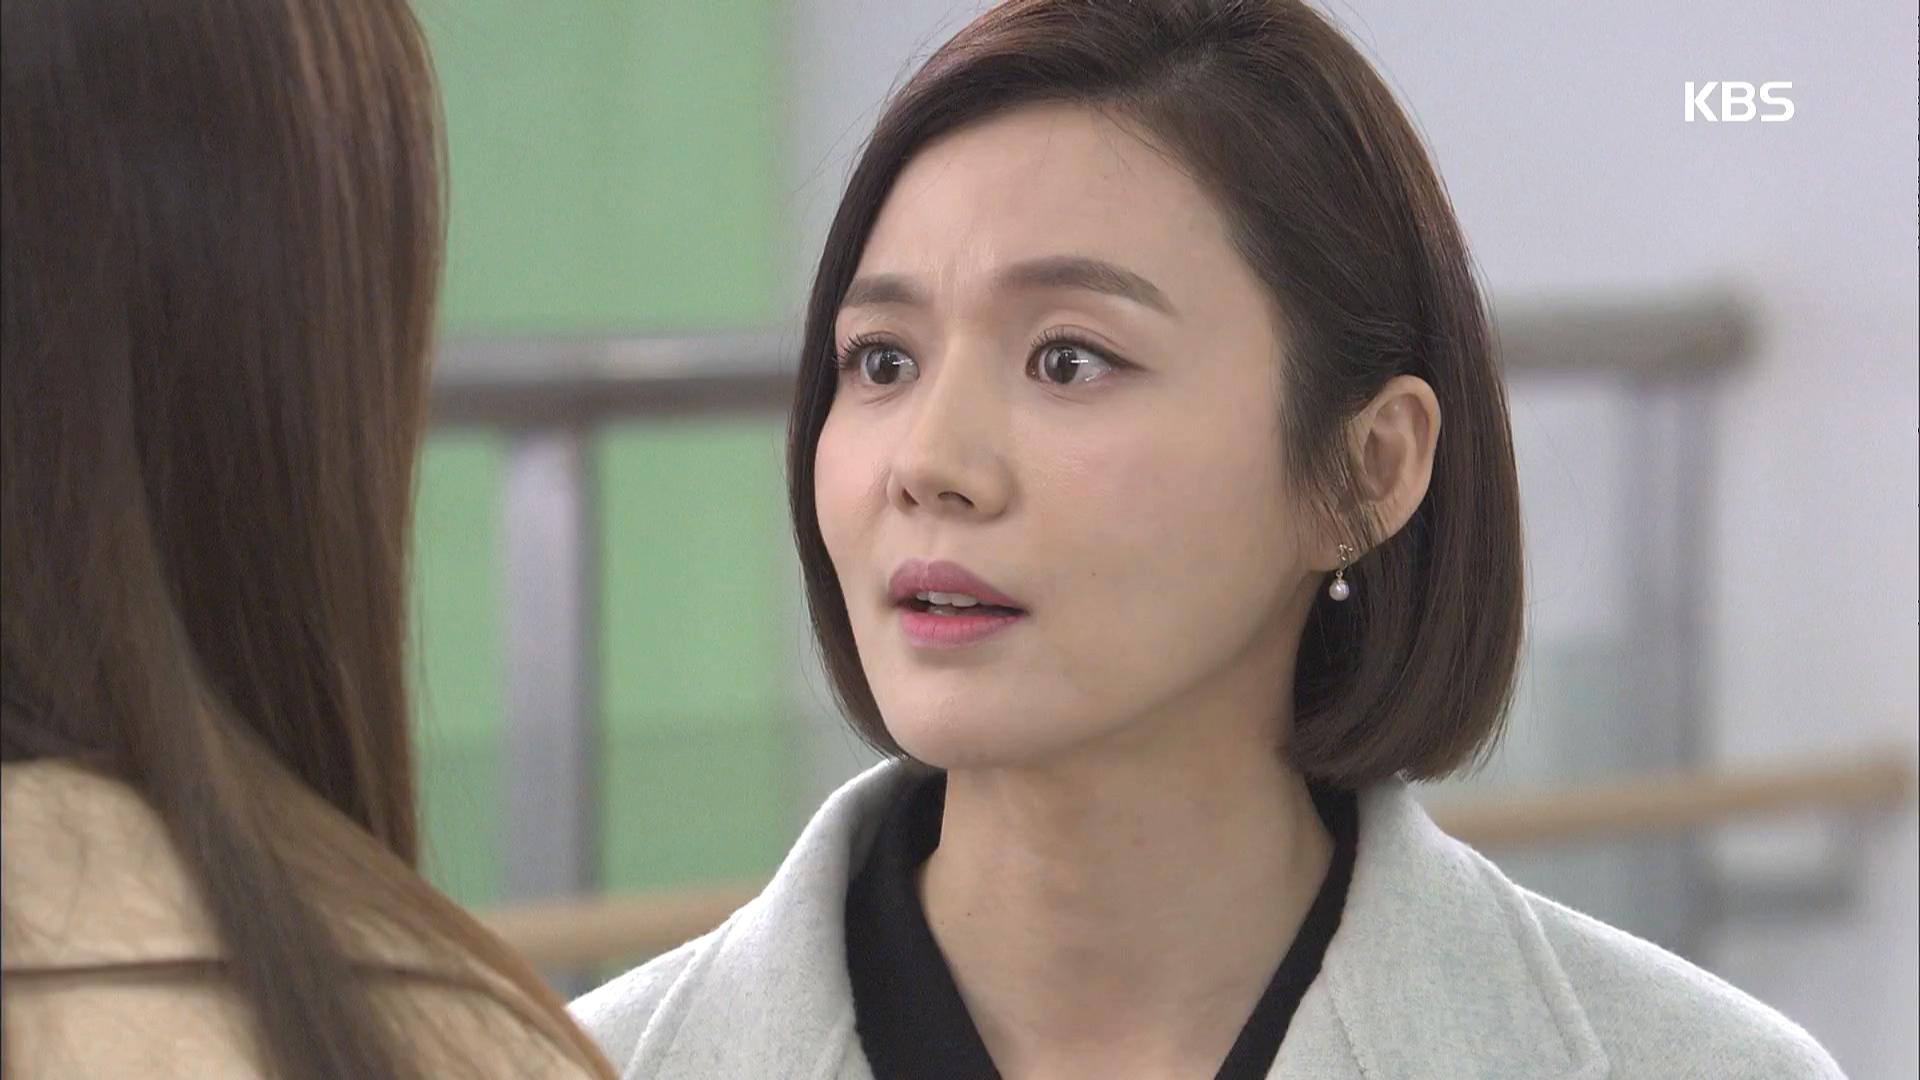 강세정, 박정아 협박에 끝까지 가봐. 꼭 보고싶네.